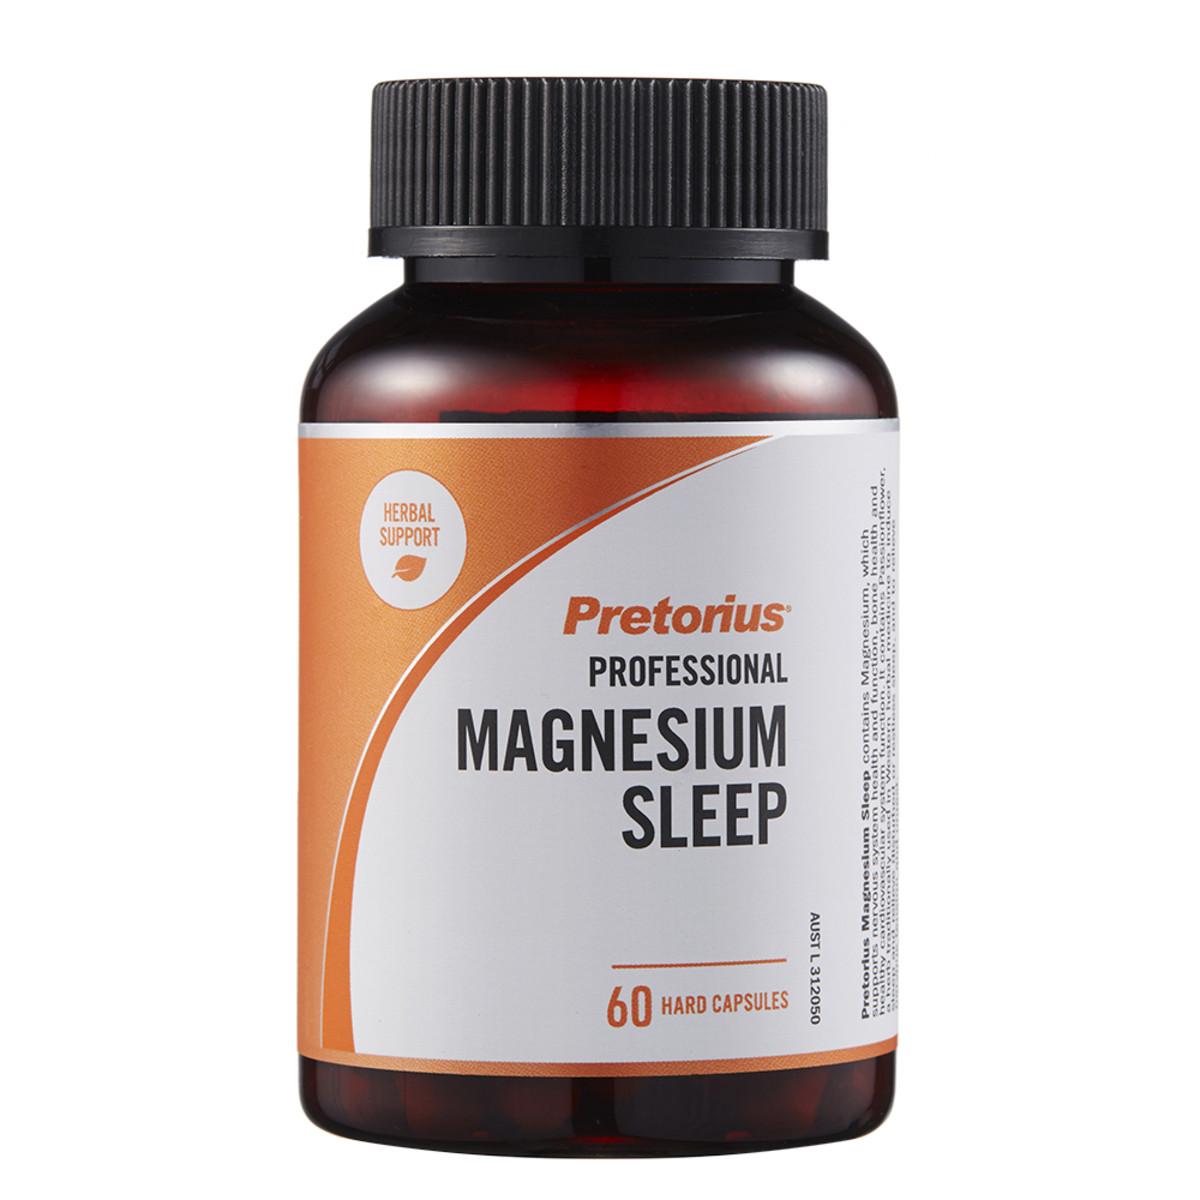 Pretorius Magnesium Sleep 60c_media-01